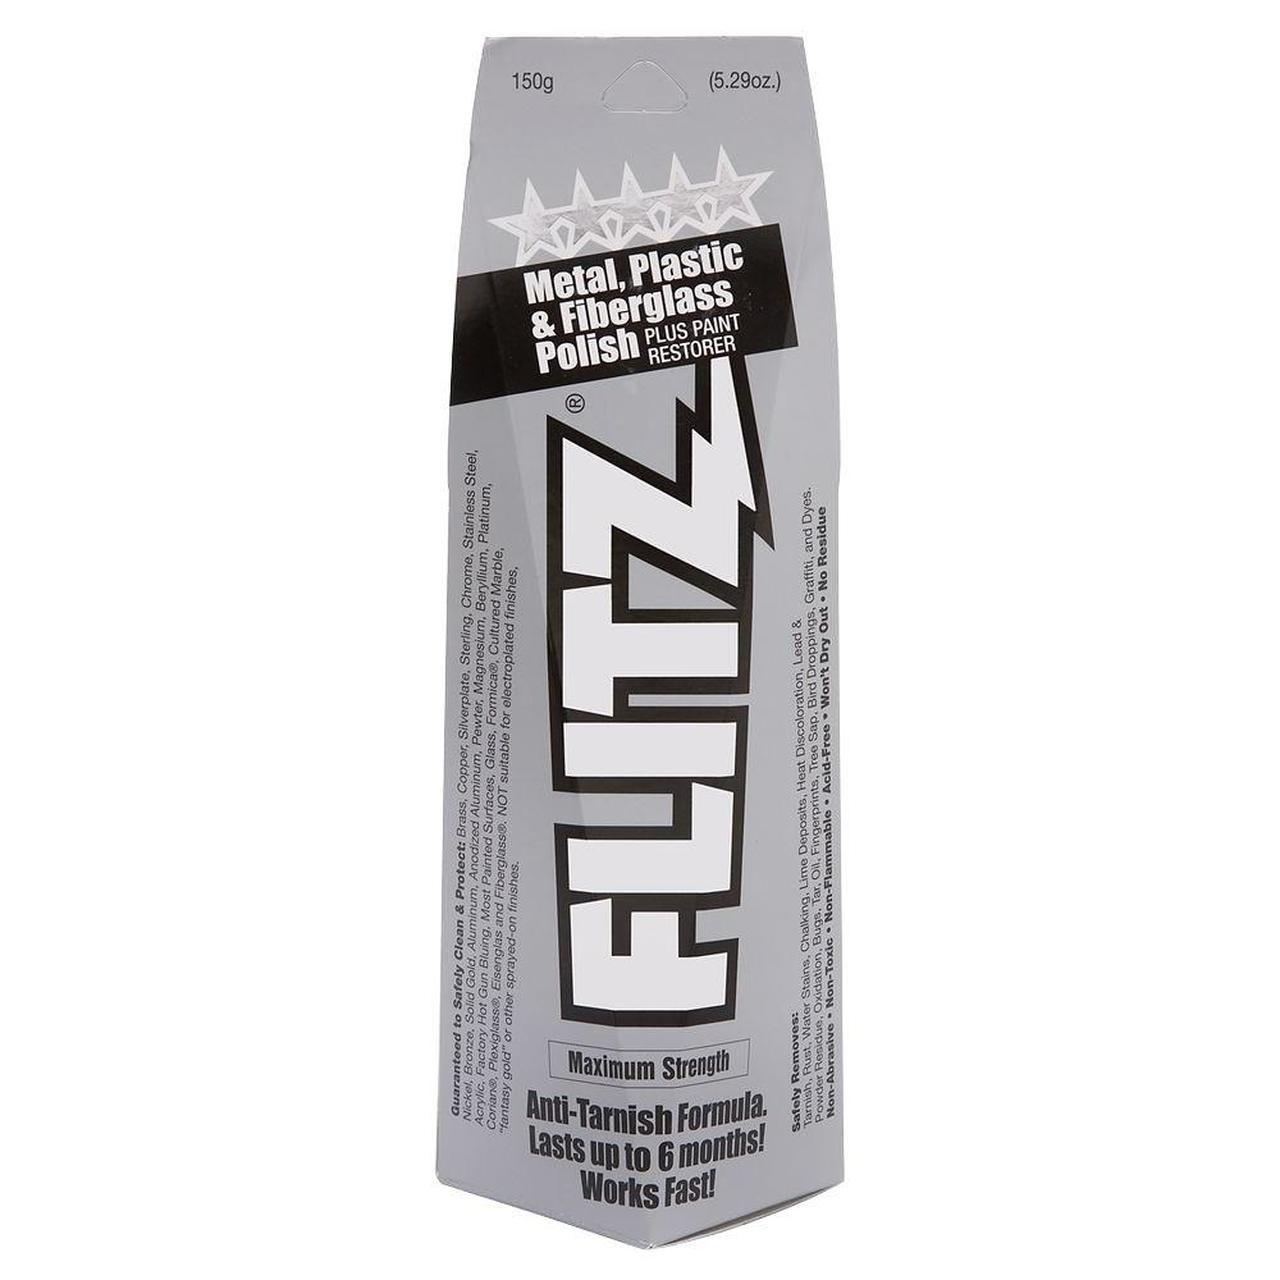 Flitz Polish不锈钢金属抛光膏